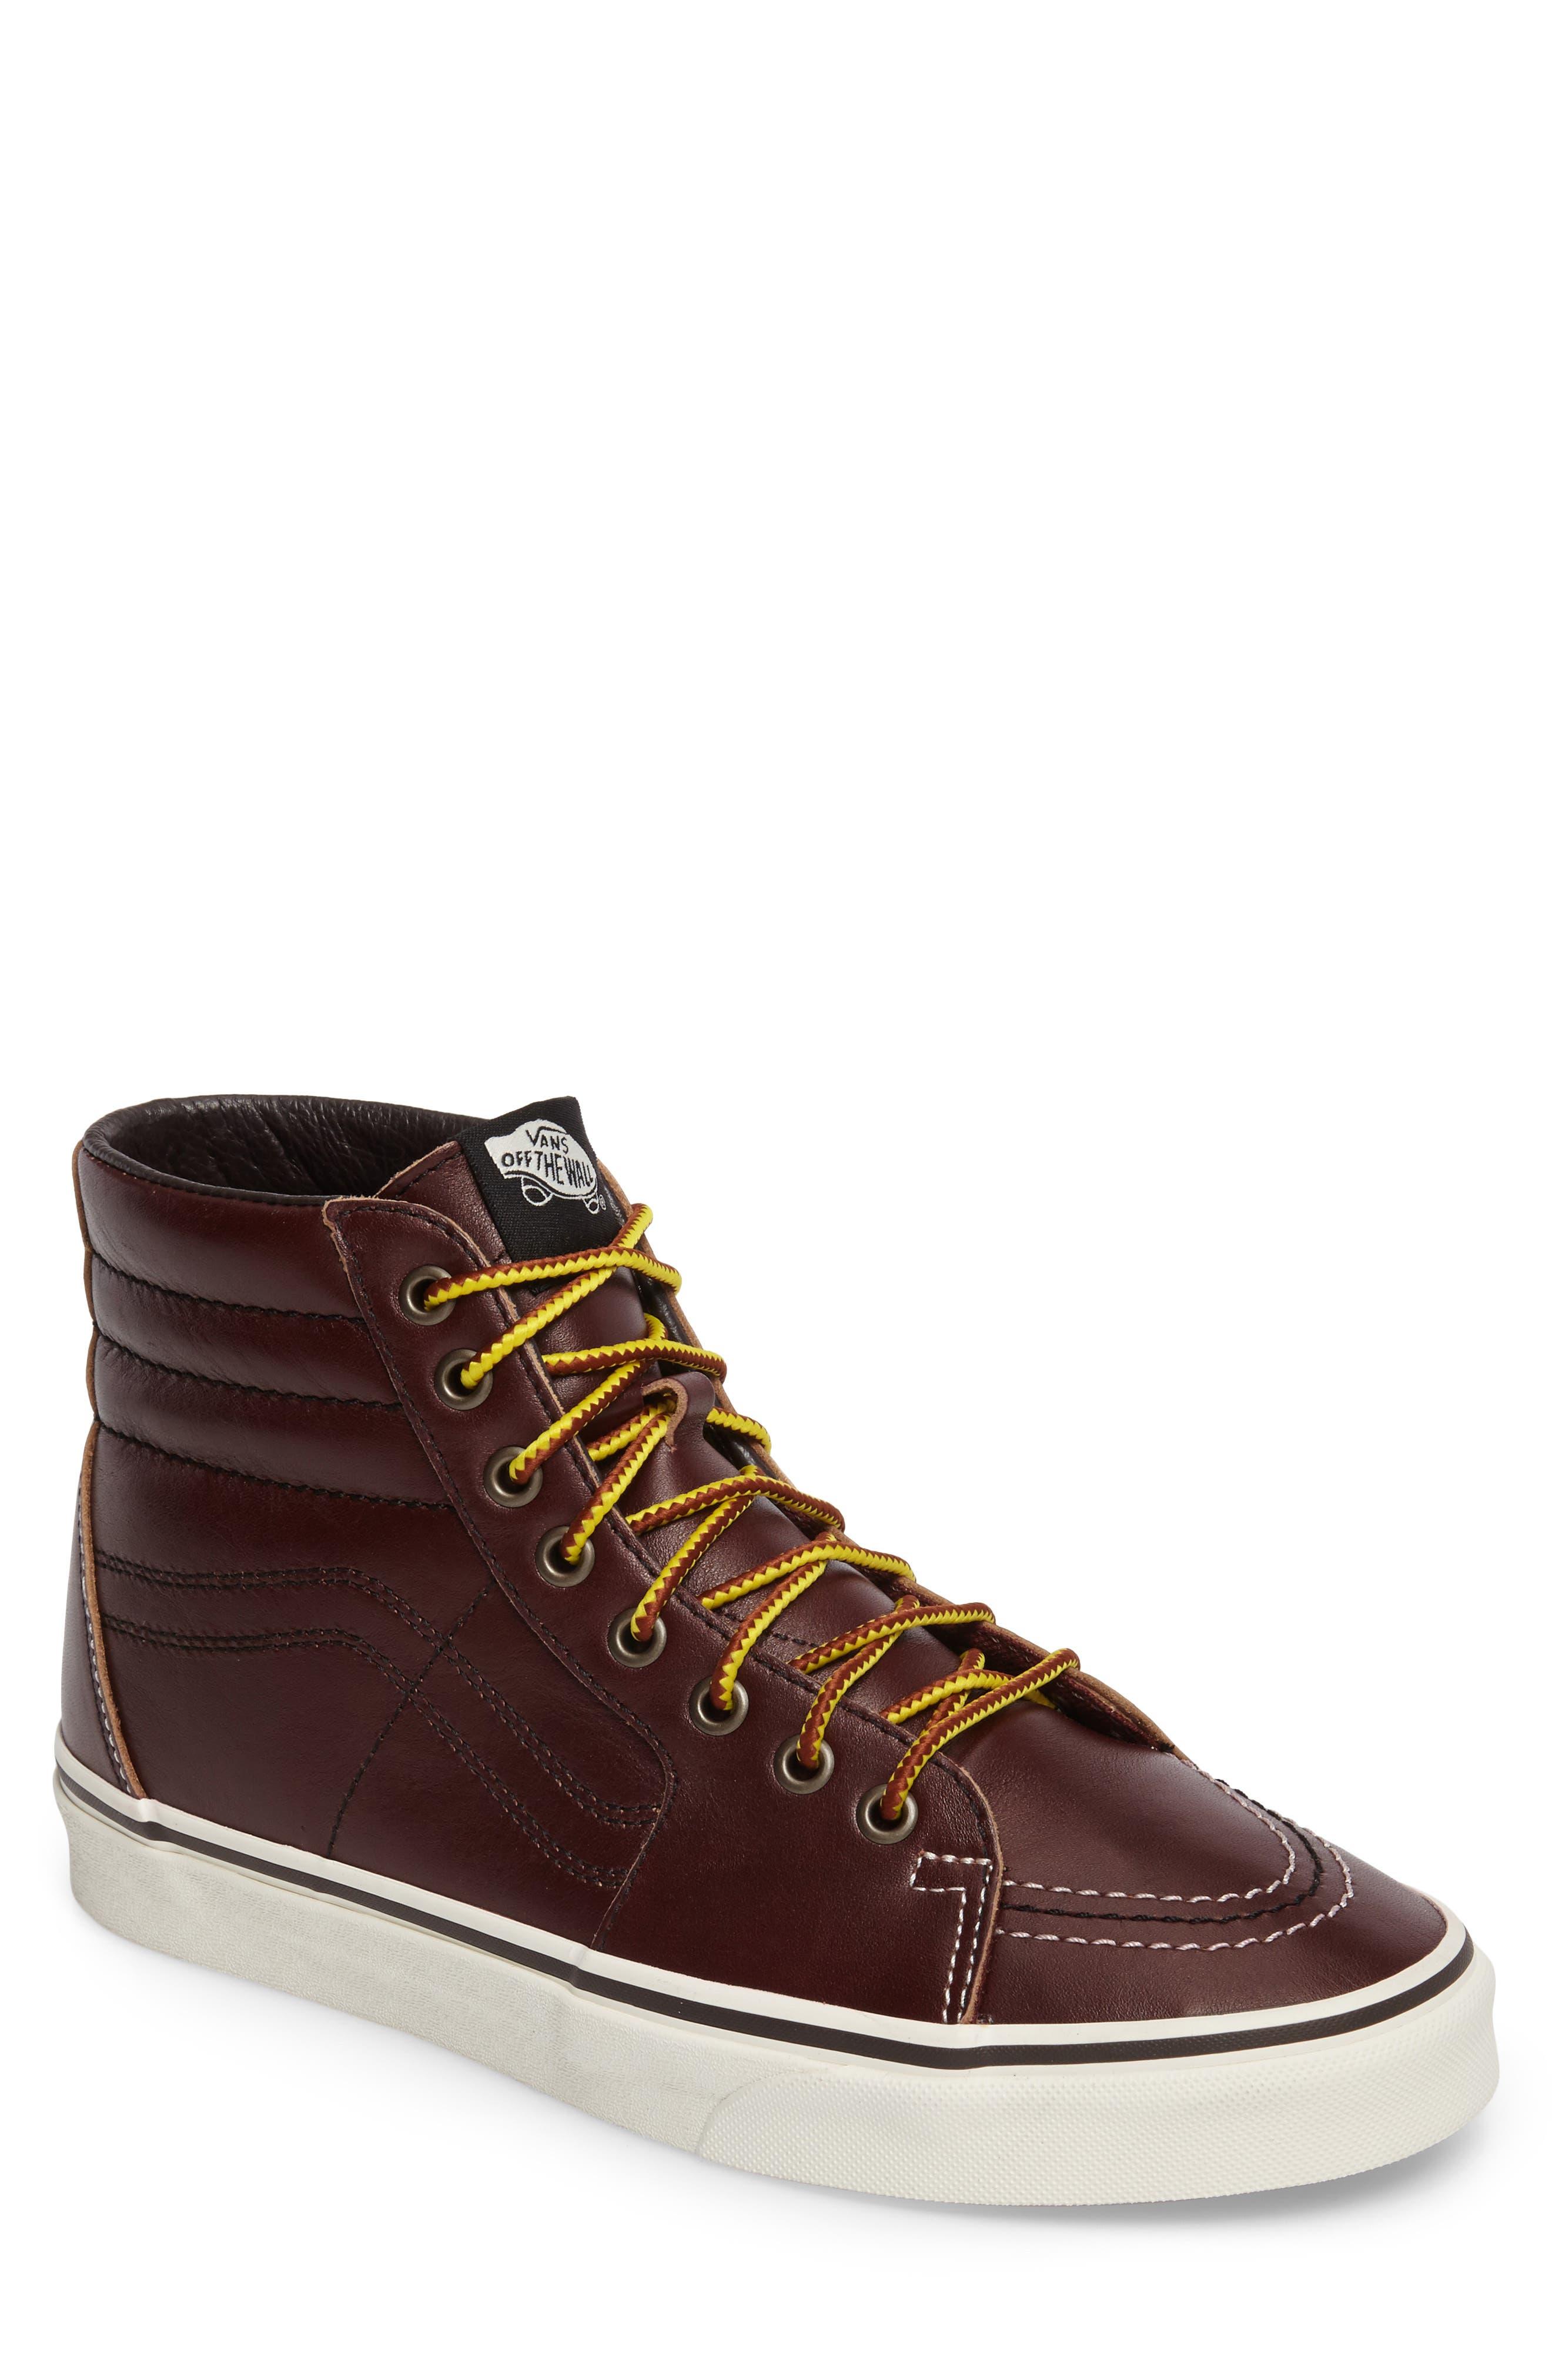 Alternate Image 1 Selected - Vans Sk8-Hi Sneaker (Men)